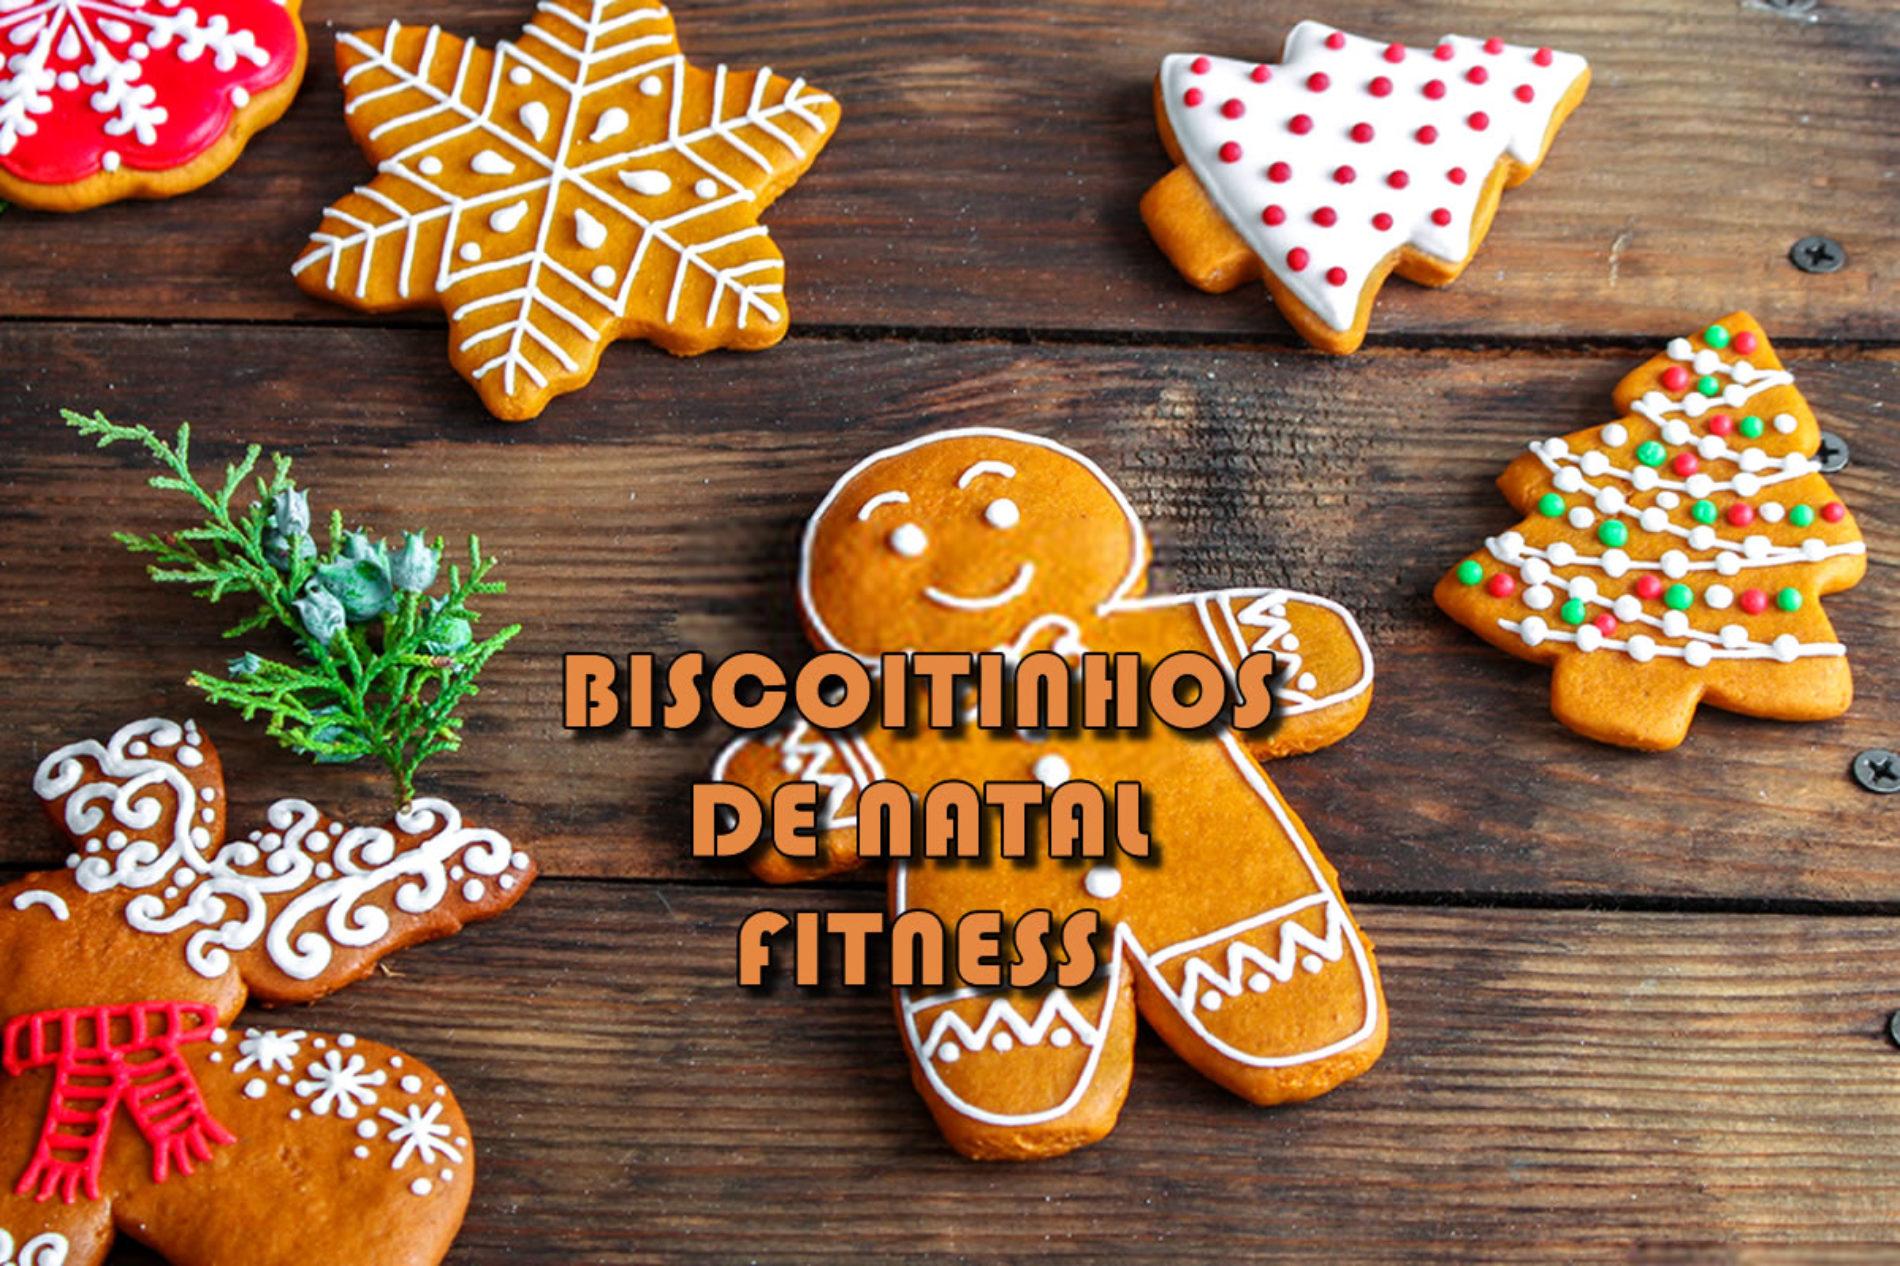 Biscoito de gengibre FIT para o natal – Gingerbread